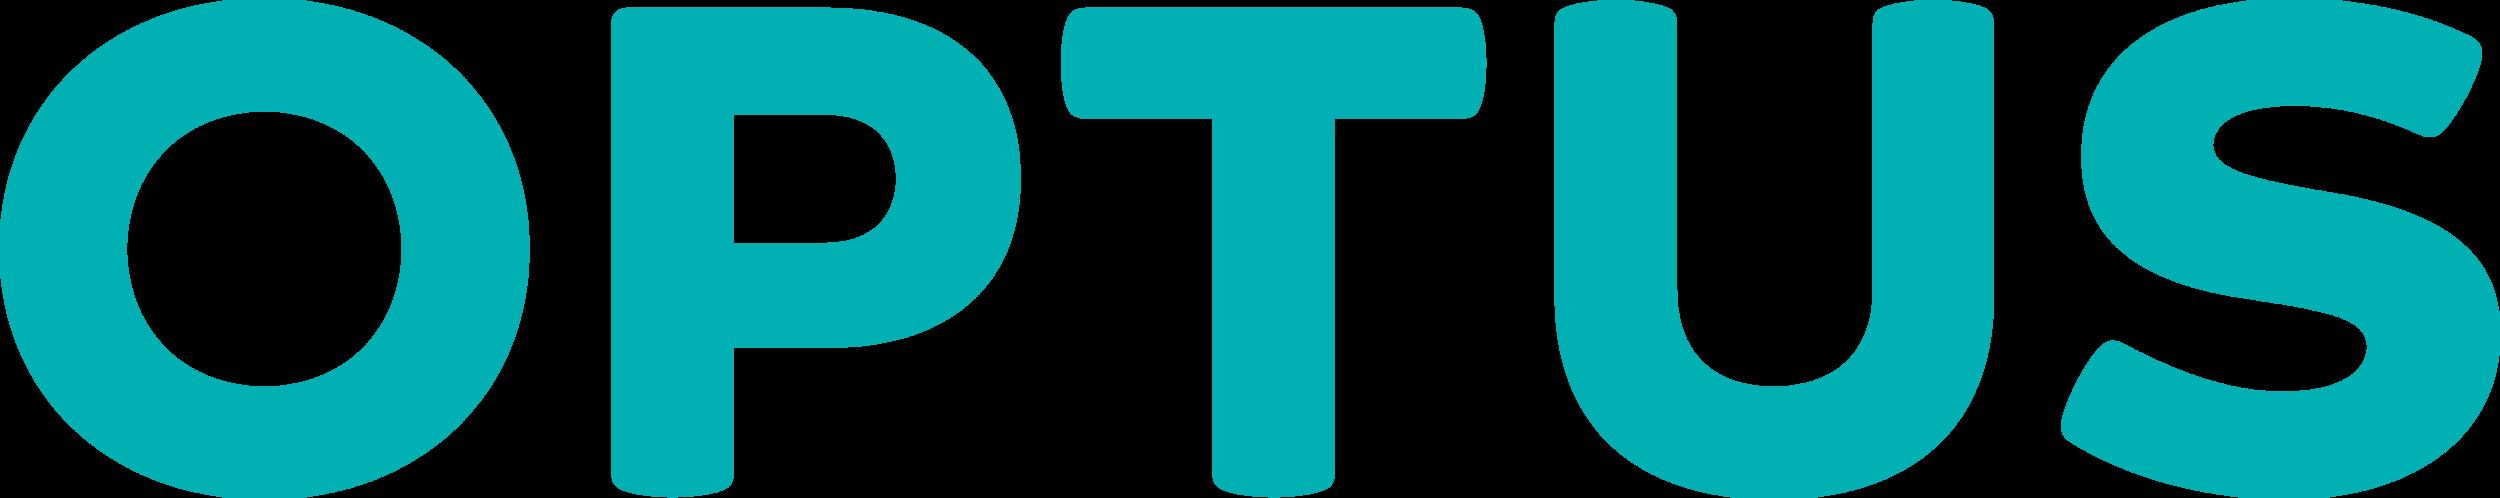 Optus Teal Logo High Res.png